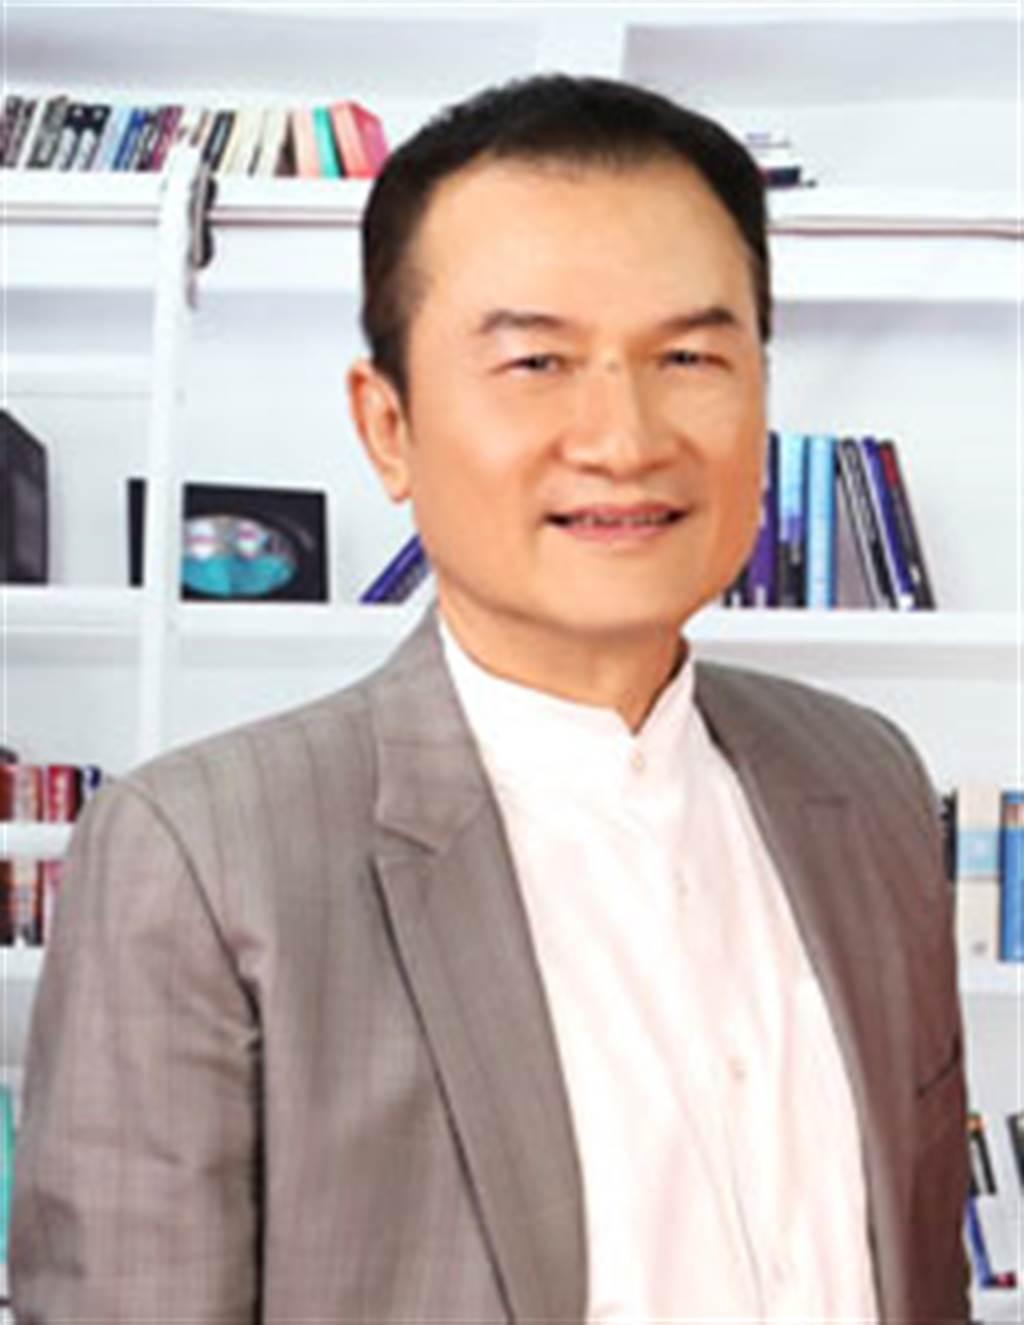 理財周刊發行人洪寶山。(圖/理財周刊提供)